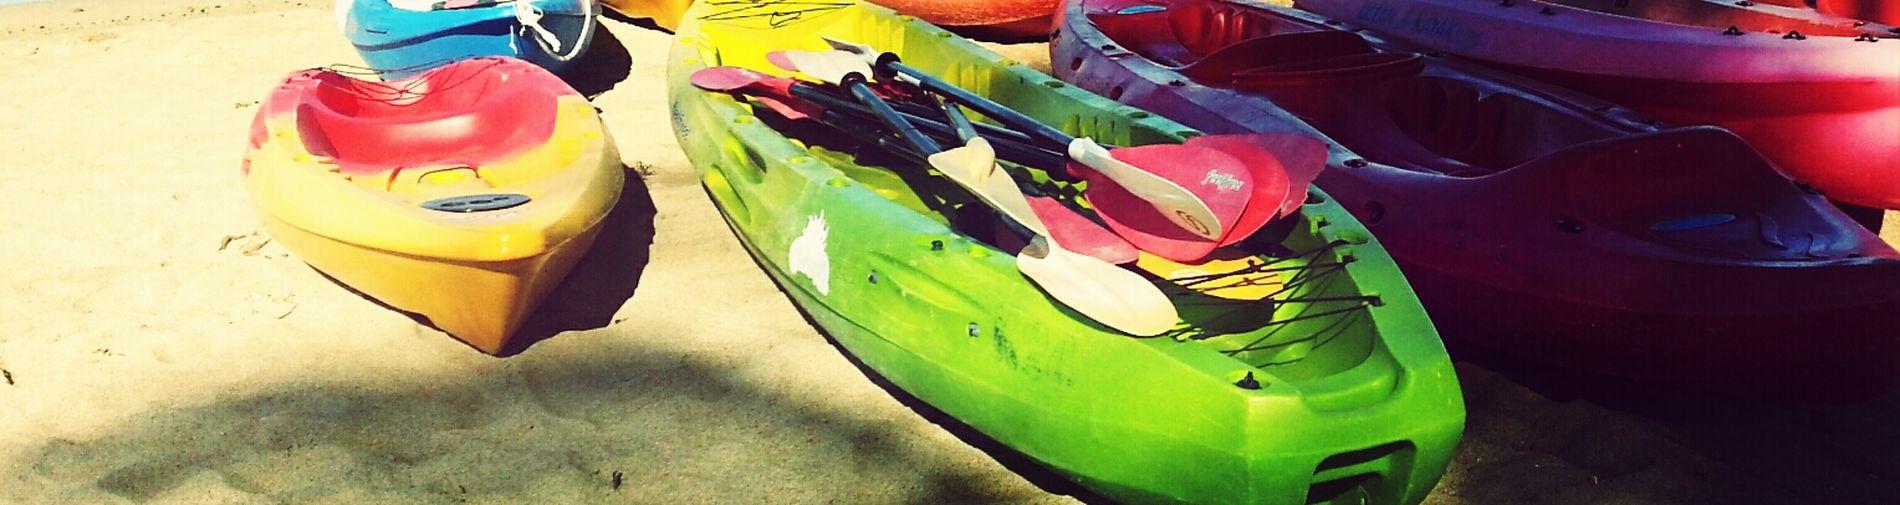 Canoe buddies Beach Life Taking Photos Being A Beach Bum Beach